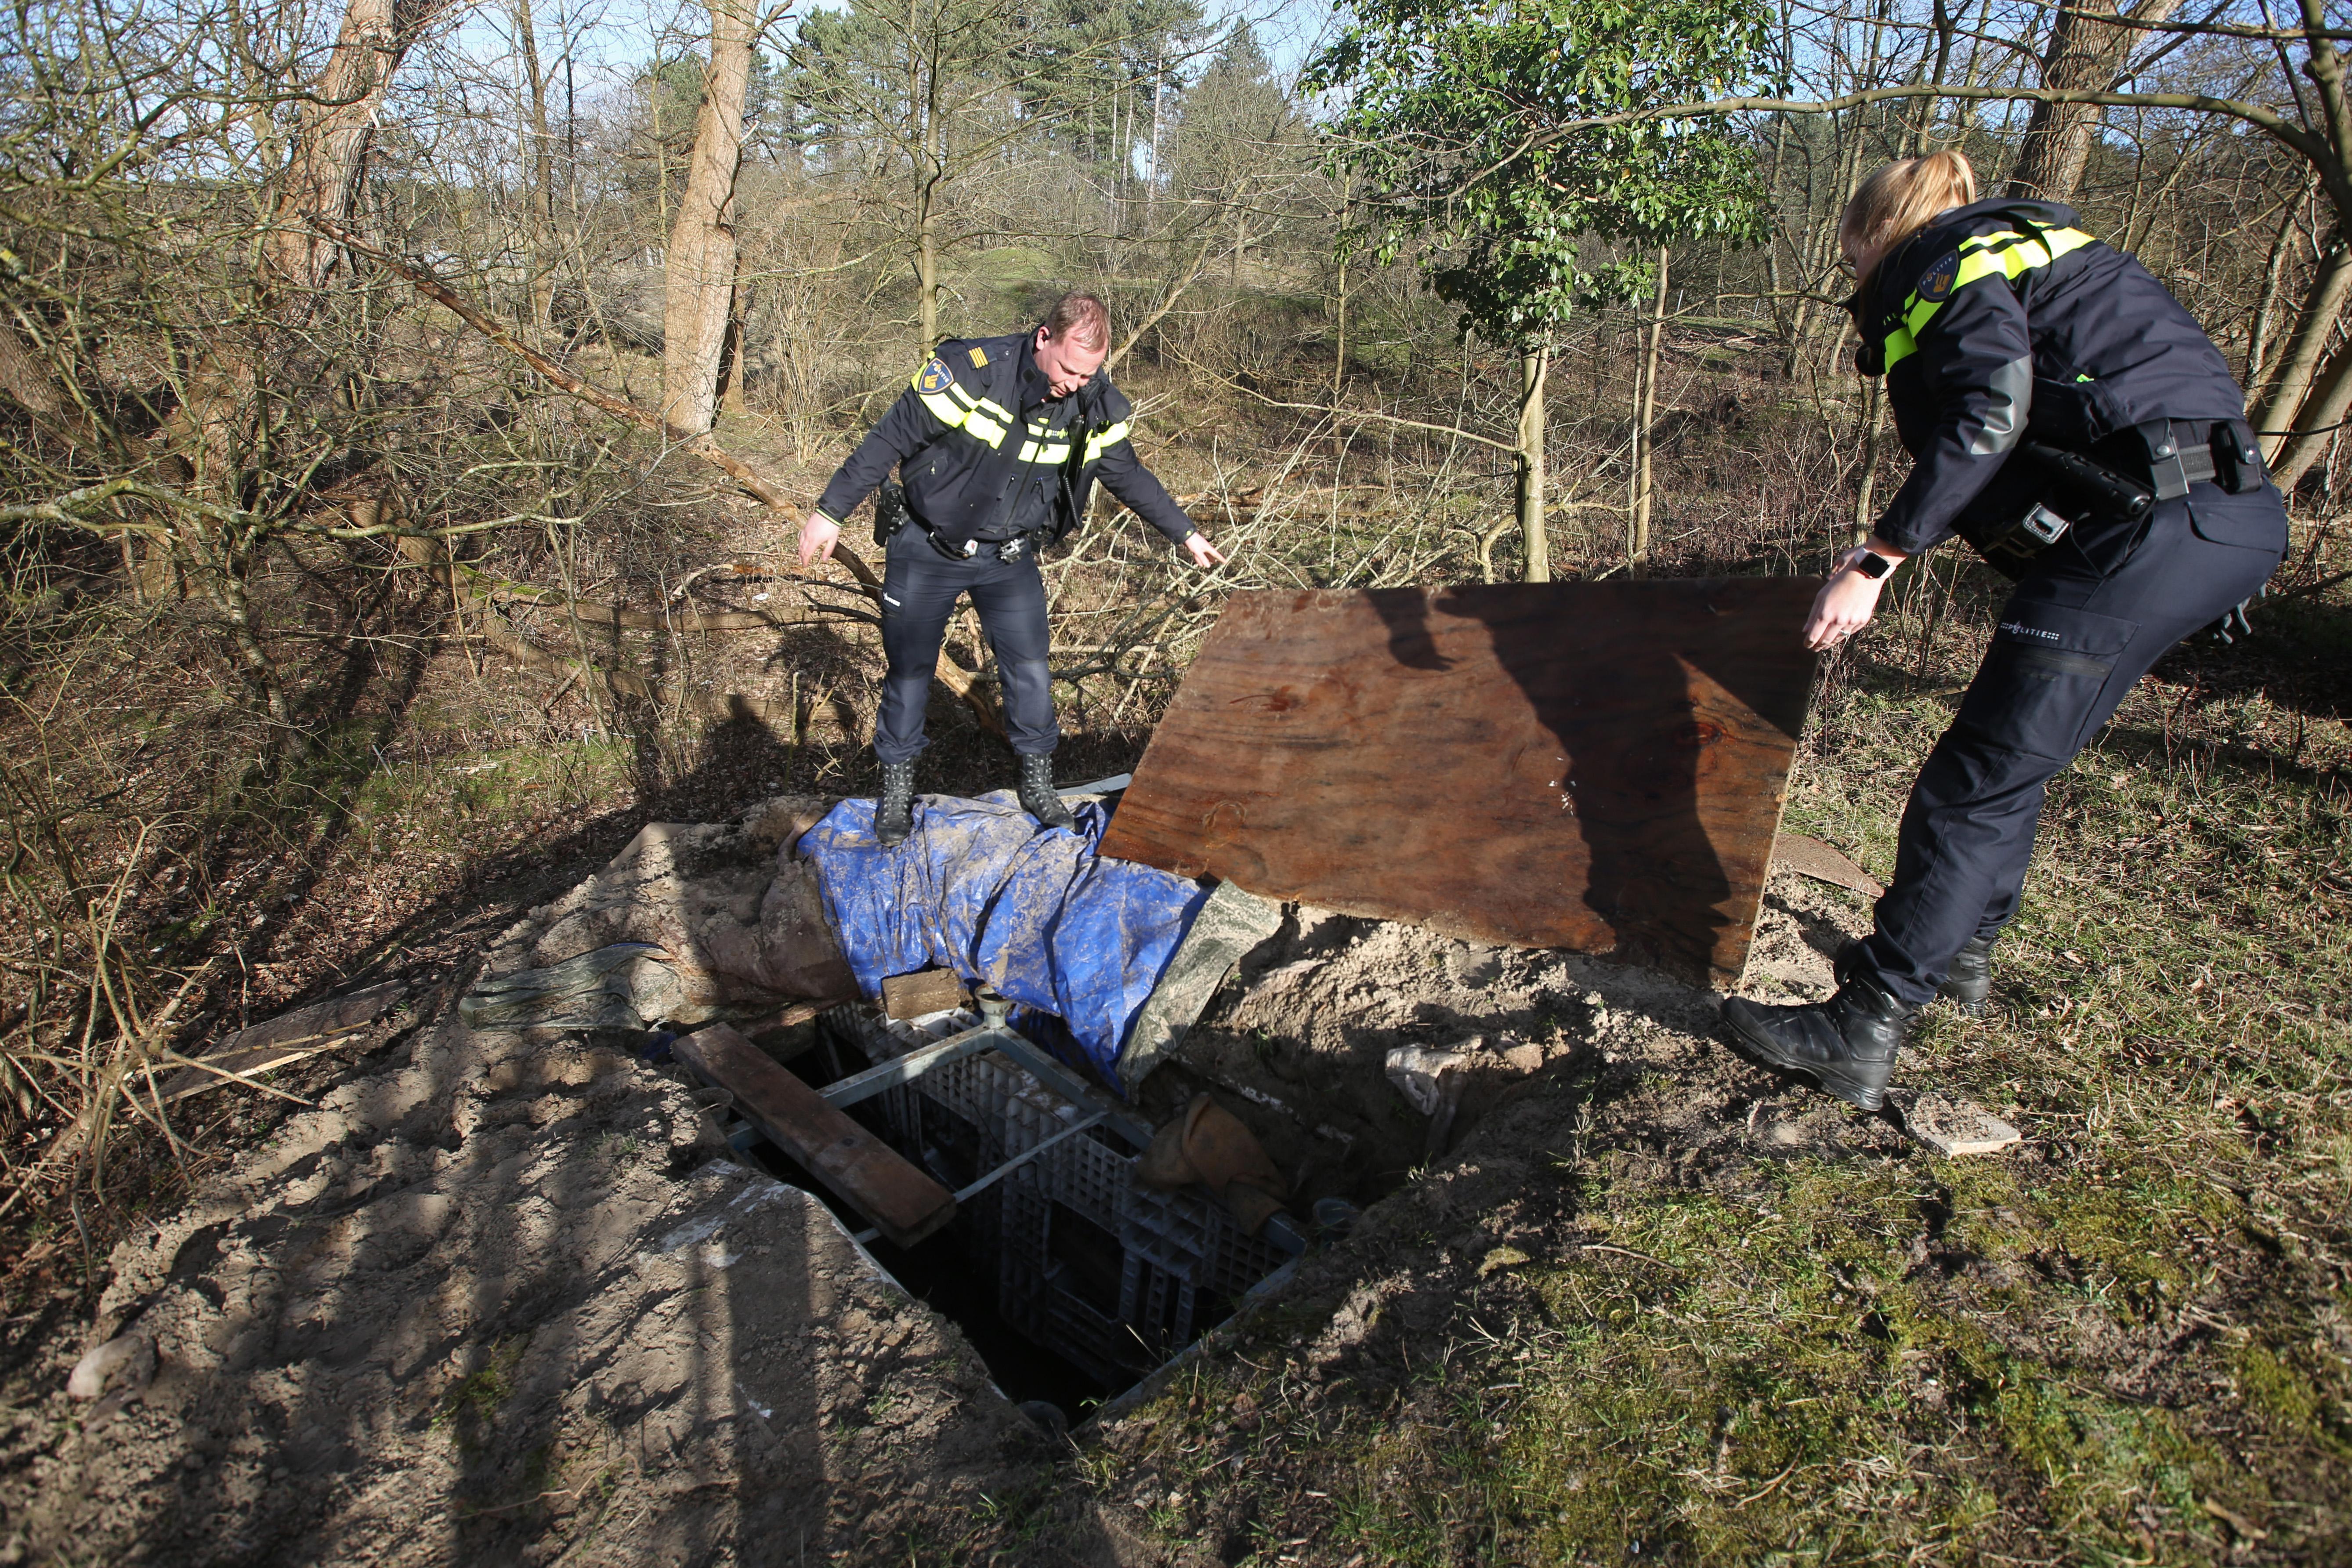 Wietbunker in oude atoombunker bij Overveen verrast duinbeheerder PWN